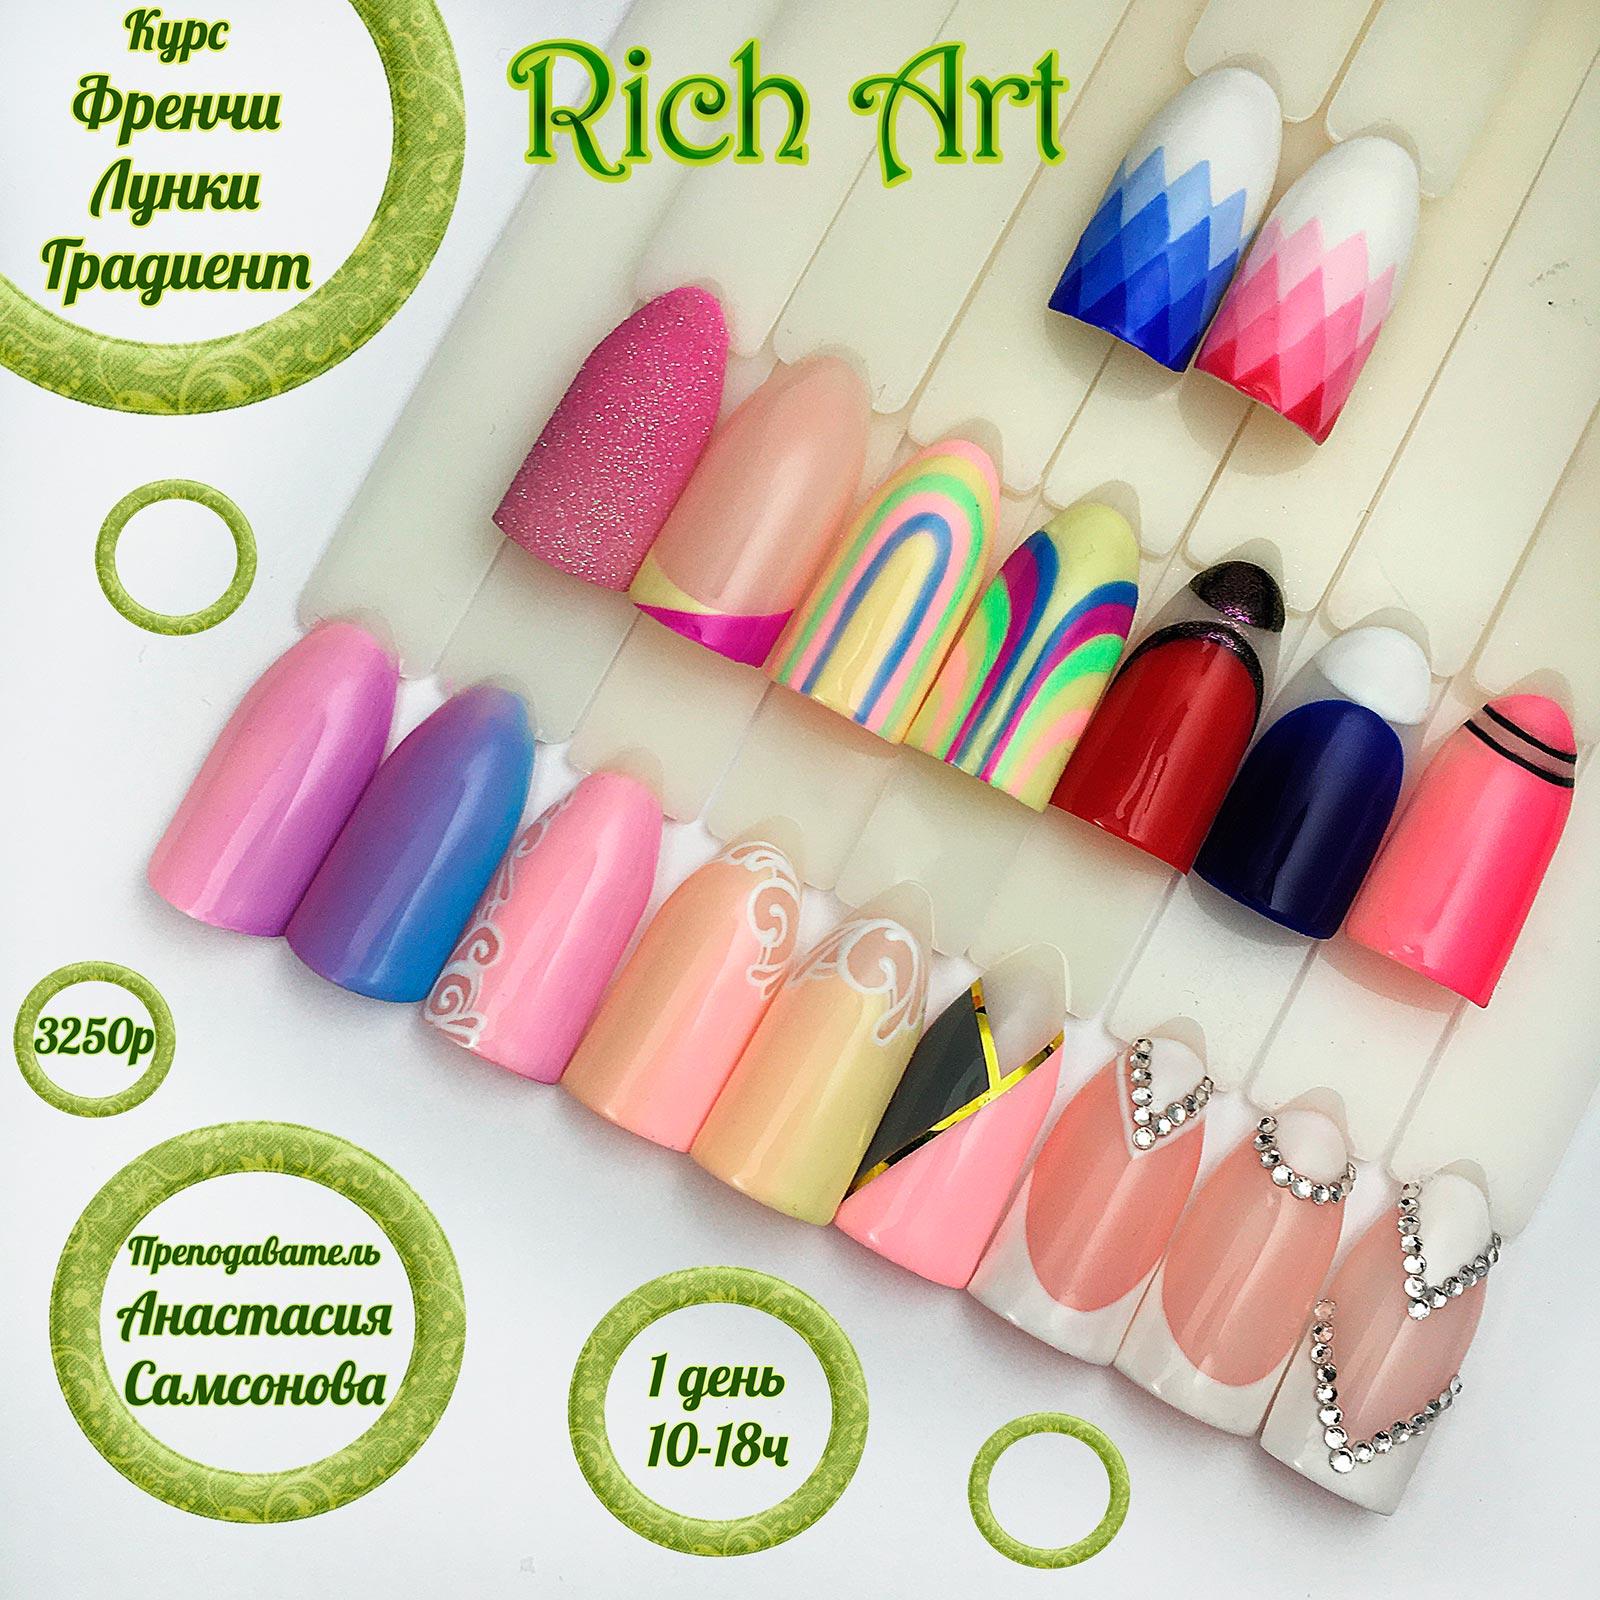 Современные дизайны ногтей, дизайны ногтей 2017, новогодние дизайны ногтей